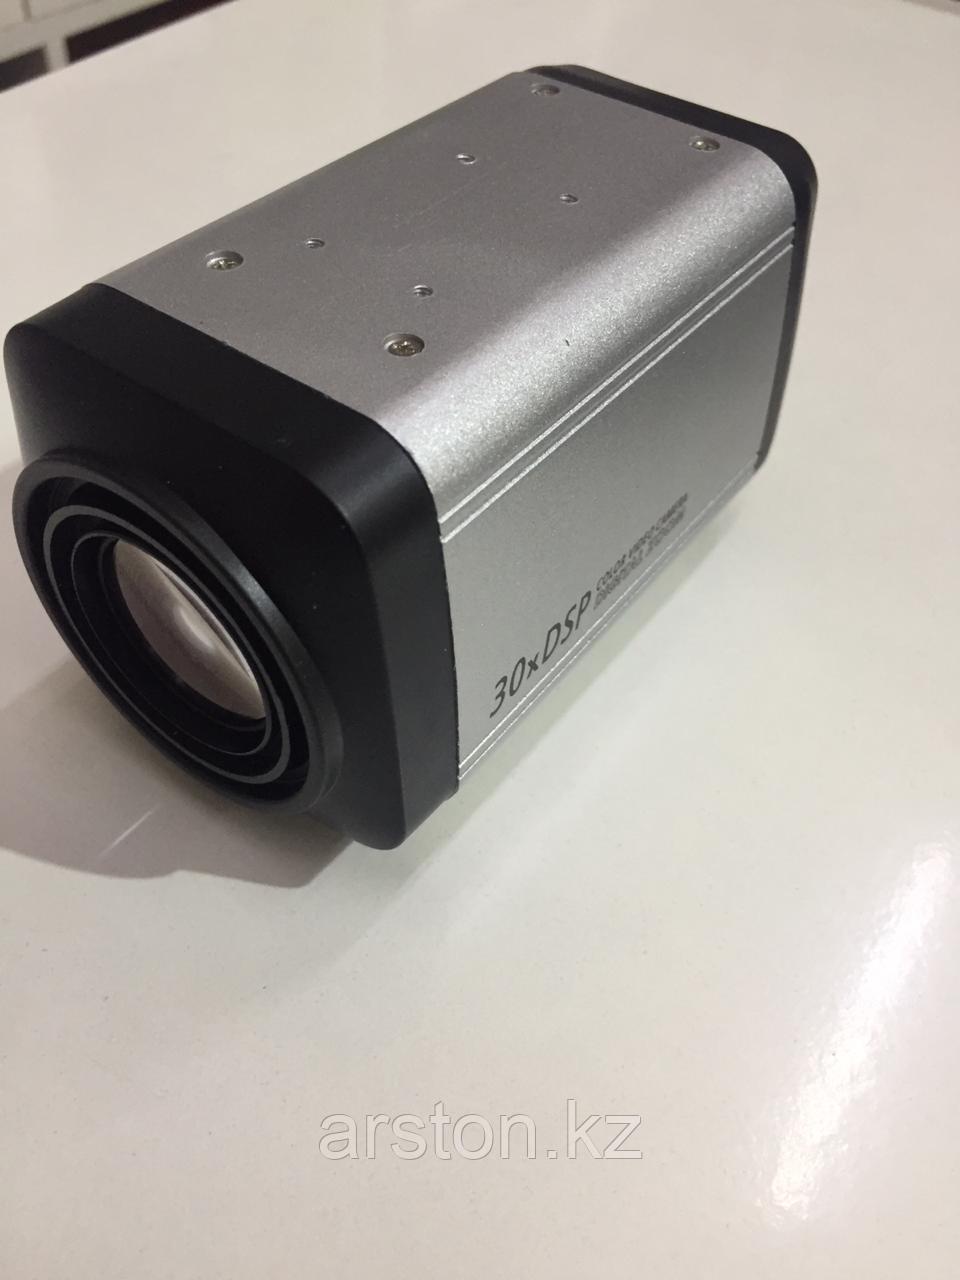 Камера купольная касса 30х DSP